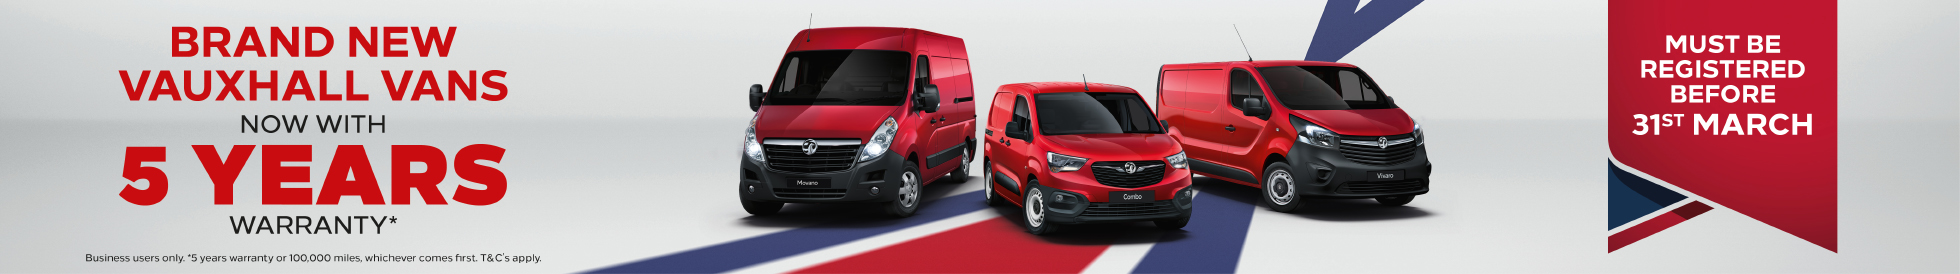 New Vauxhall Van 5 Years Warranty Offer